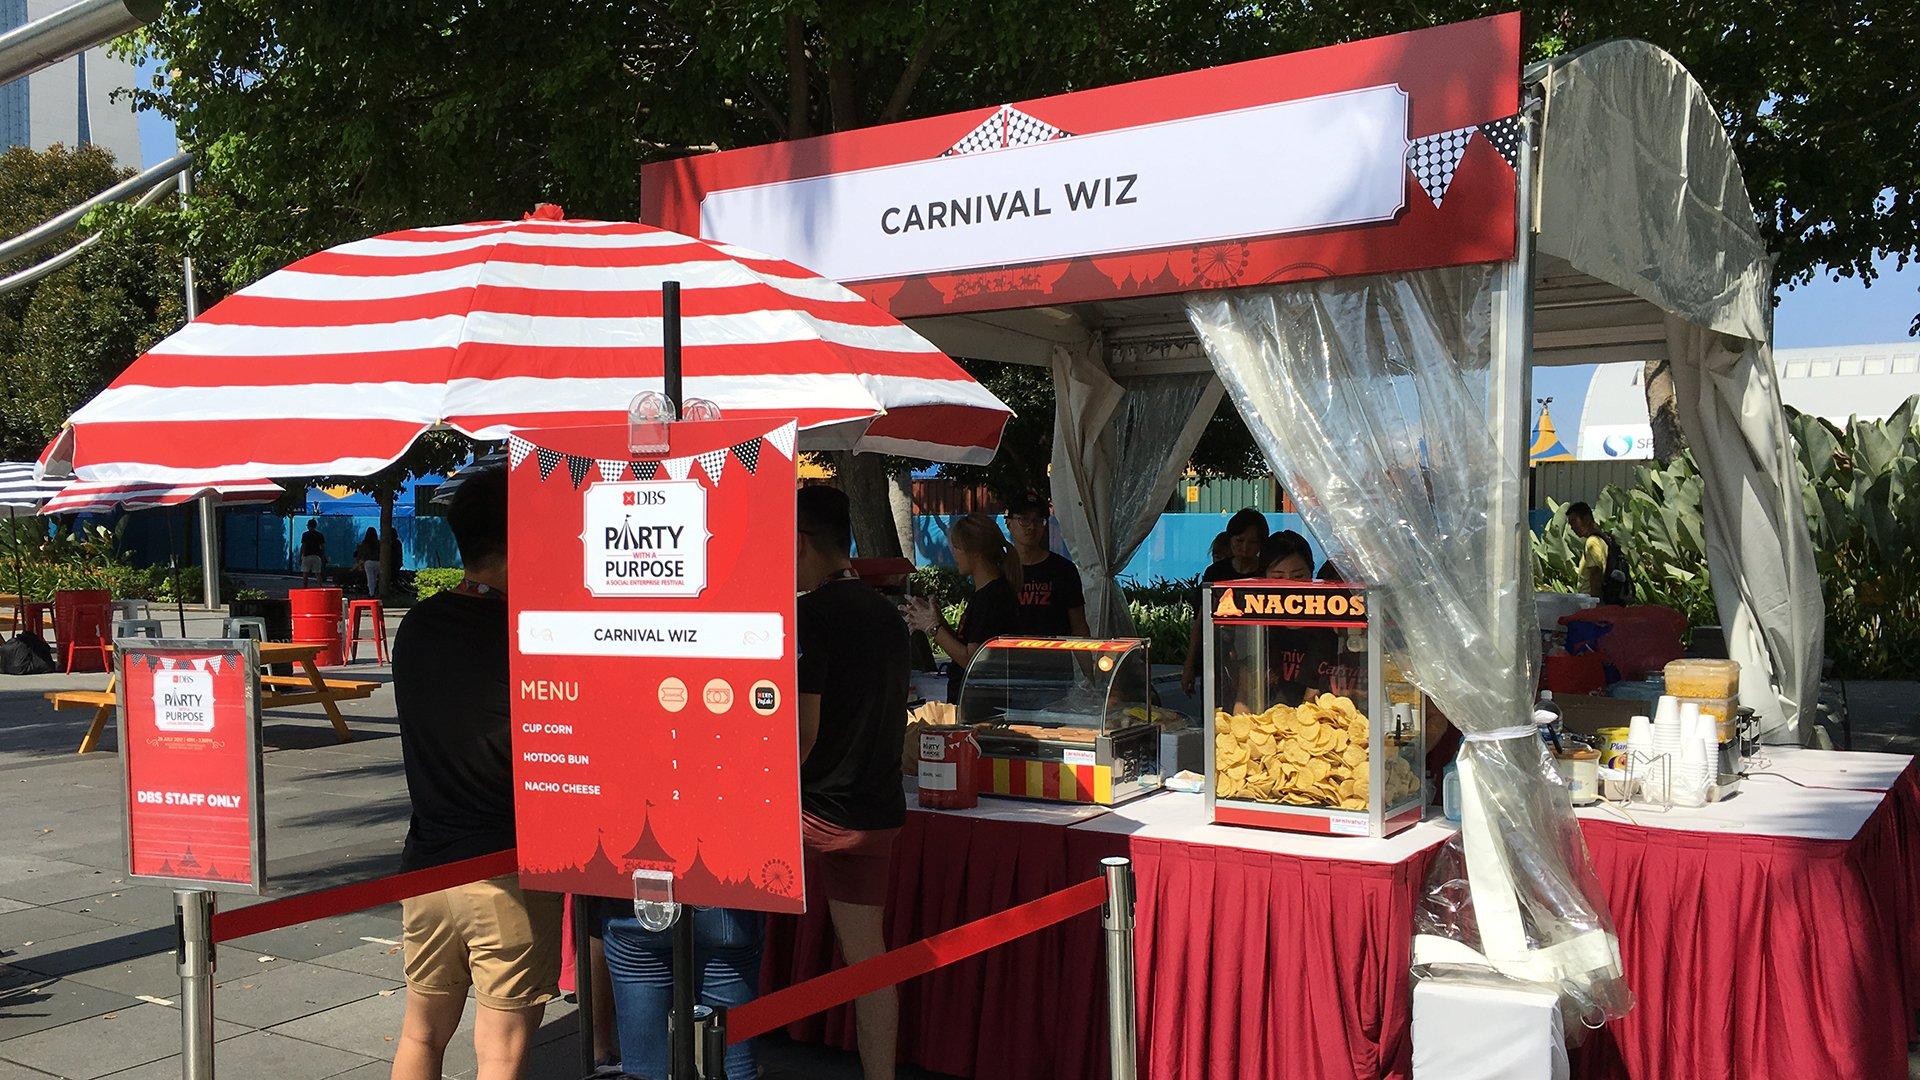 tortilla nacho salsa fun fair carnival style pasar malam hawker